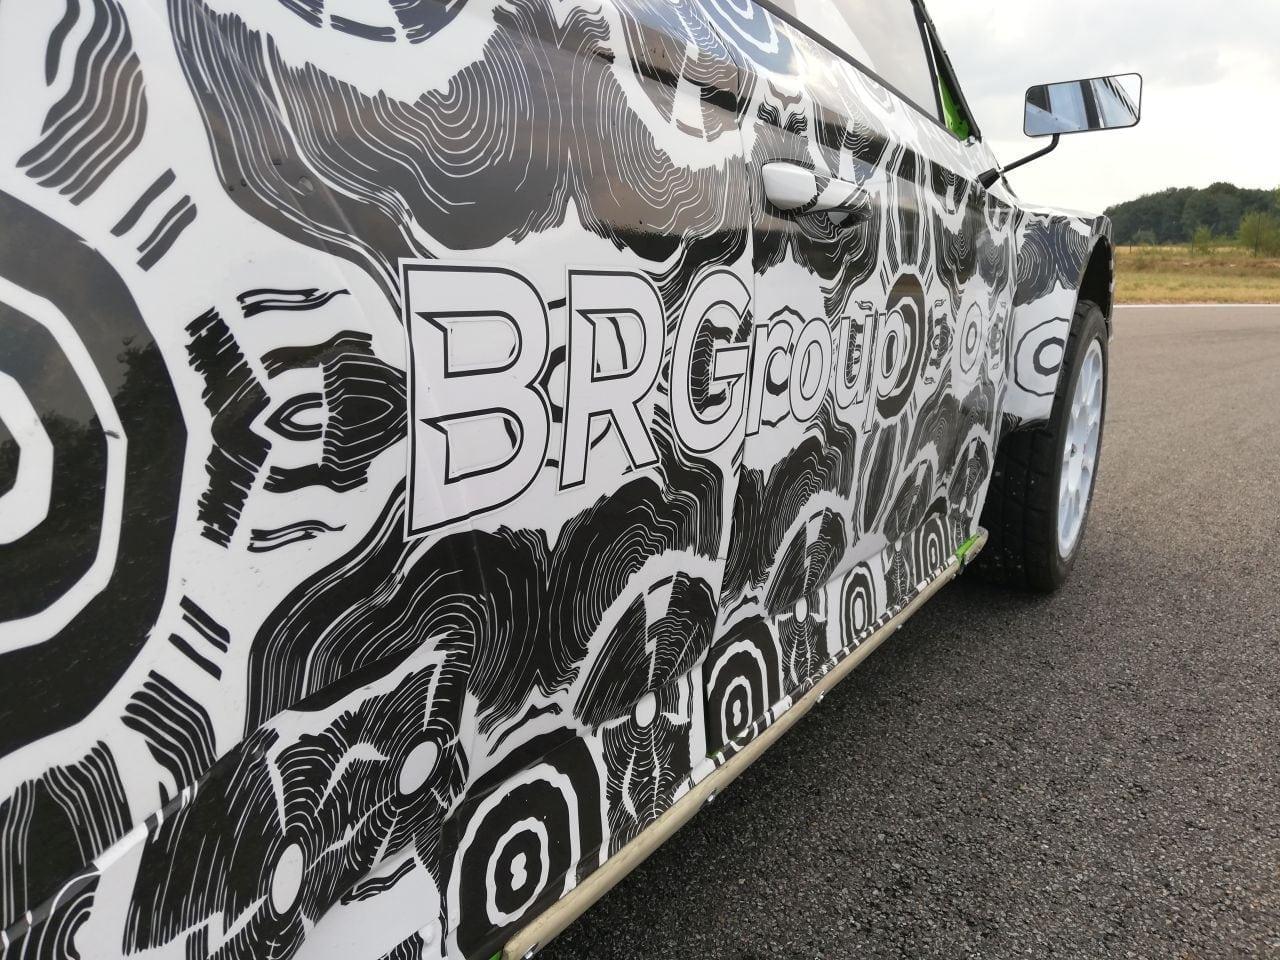 """Tests of new """"ESmotorsport"""" team supercar started"""